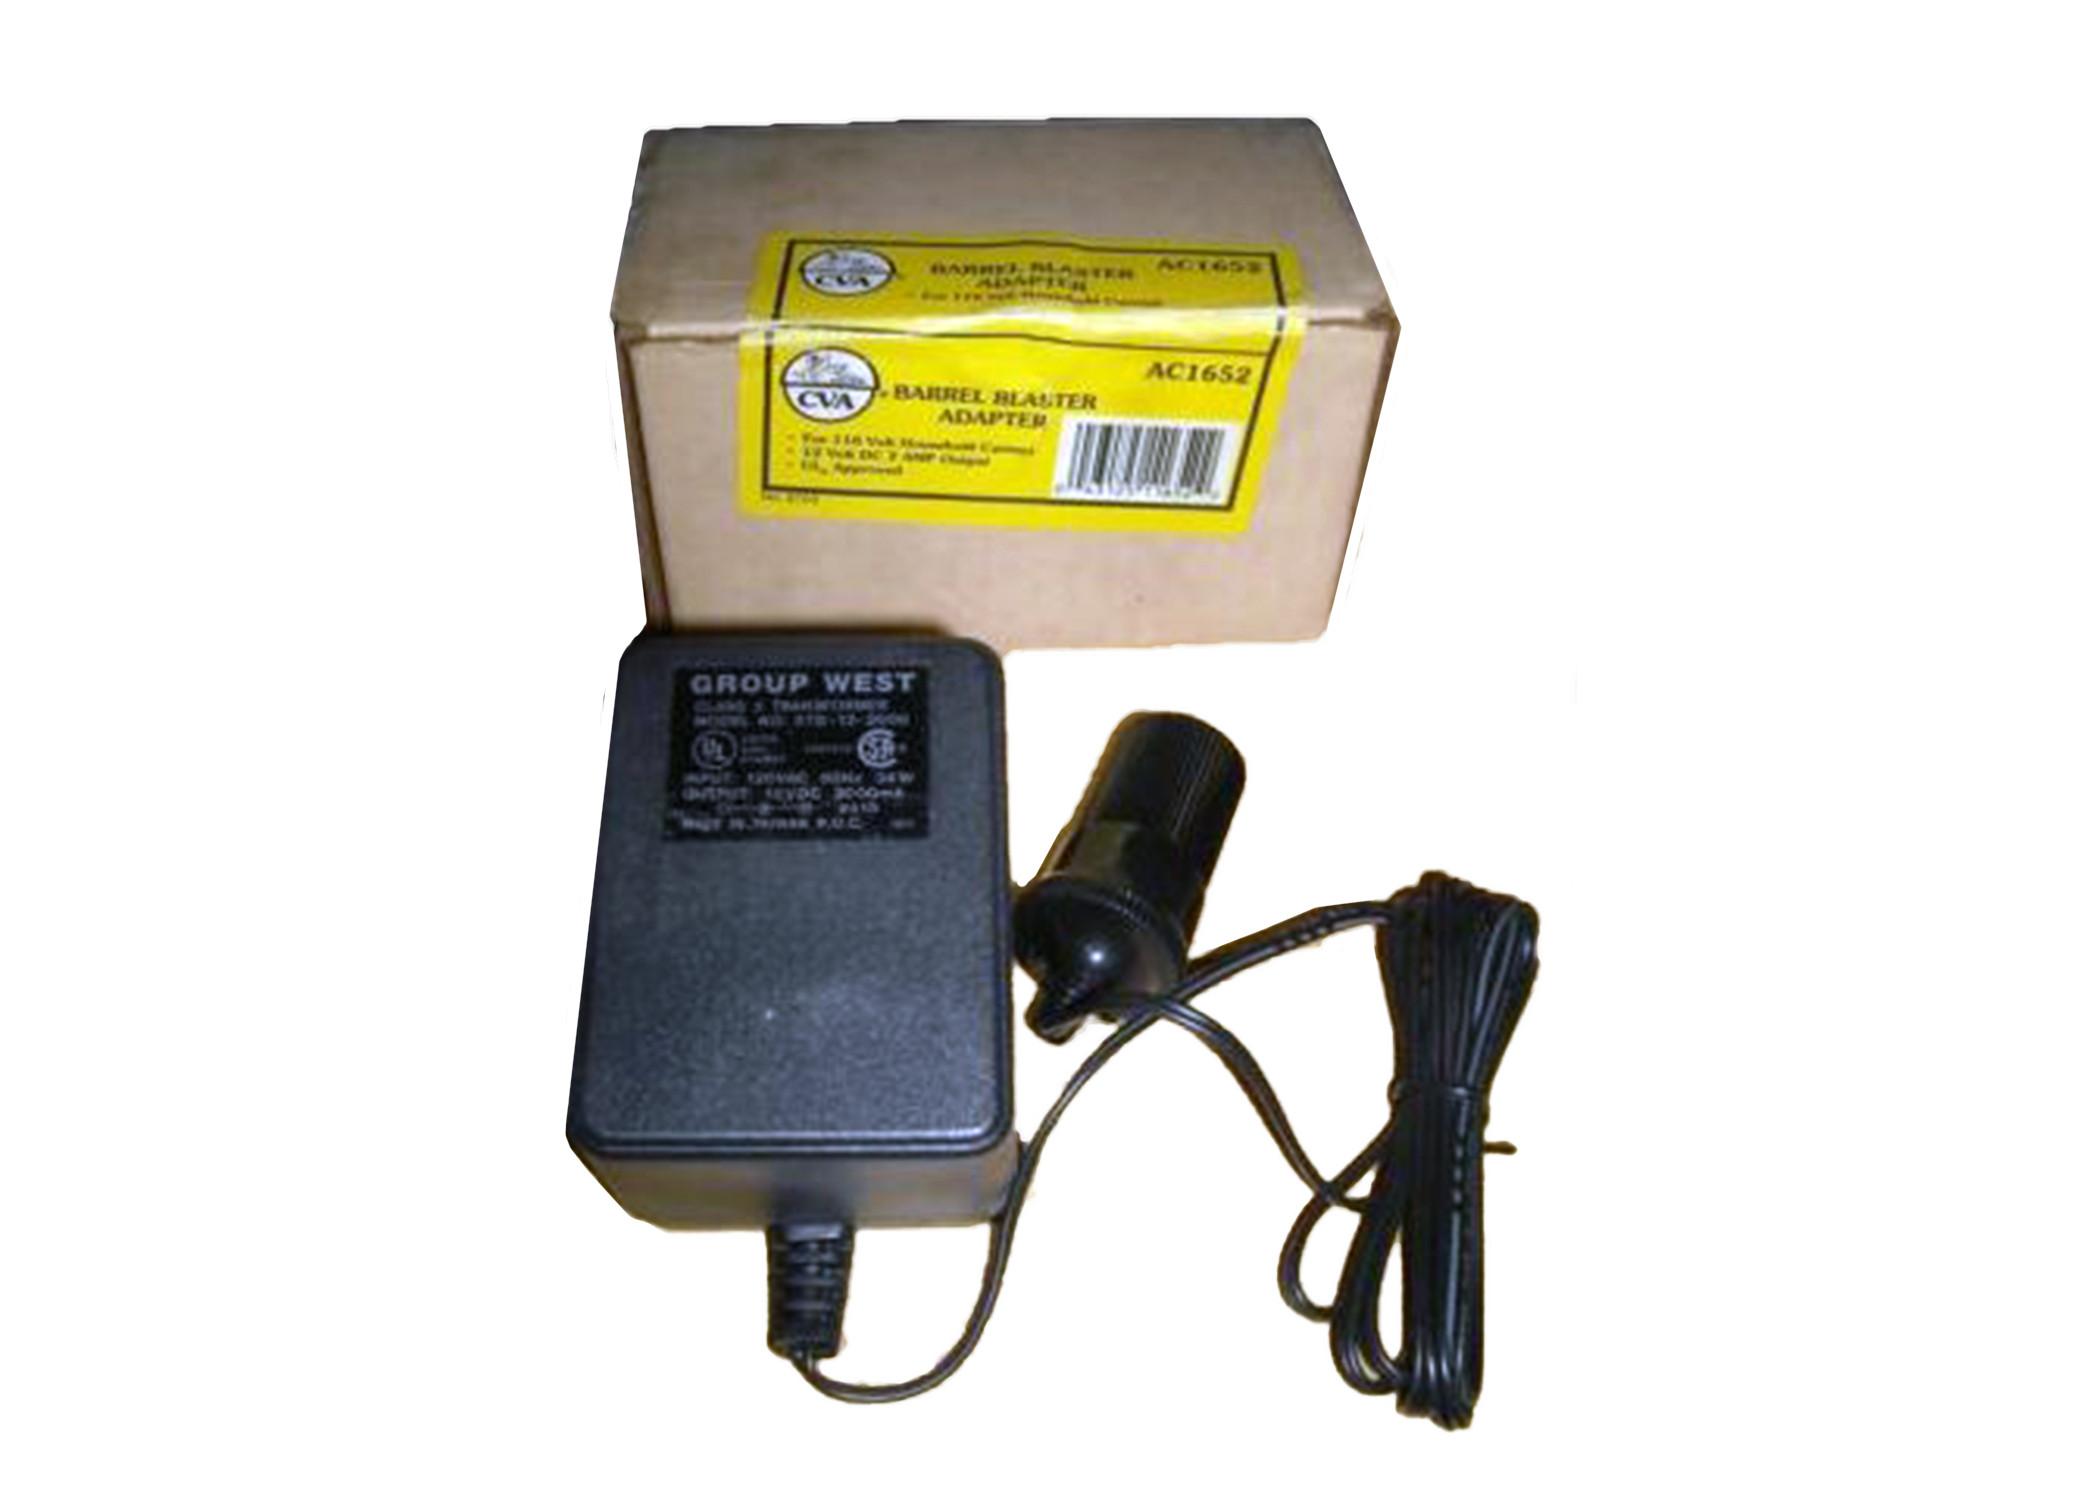 CVA Barrel Blaster Adapter 12 volt DC 110V AC